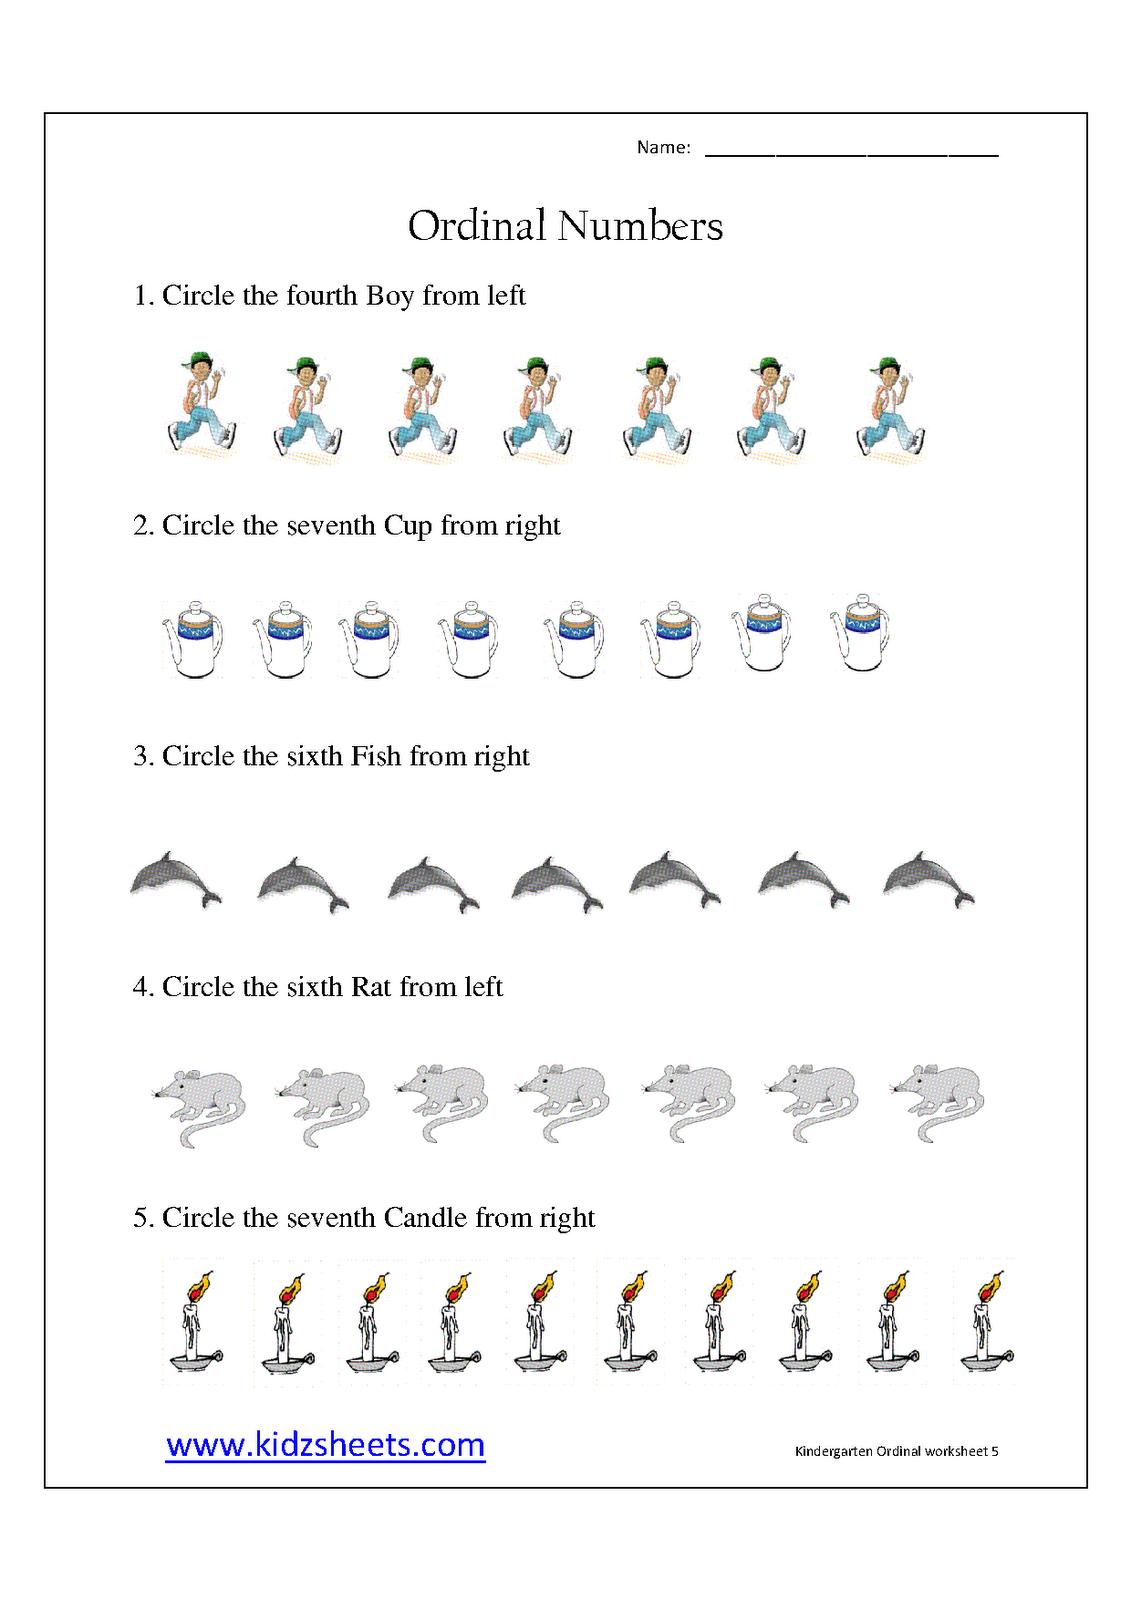 Kidz Worksheets Kindergarten Ordinal Numbers Worksheet5 Ordinal Numbers Number Worksheets Kindergarten Kindergarten Worksheets [ 1600 x 1131 Pixel ]